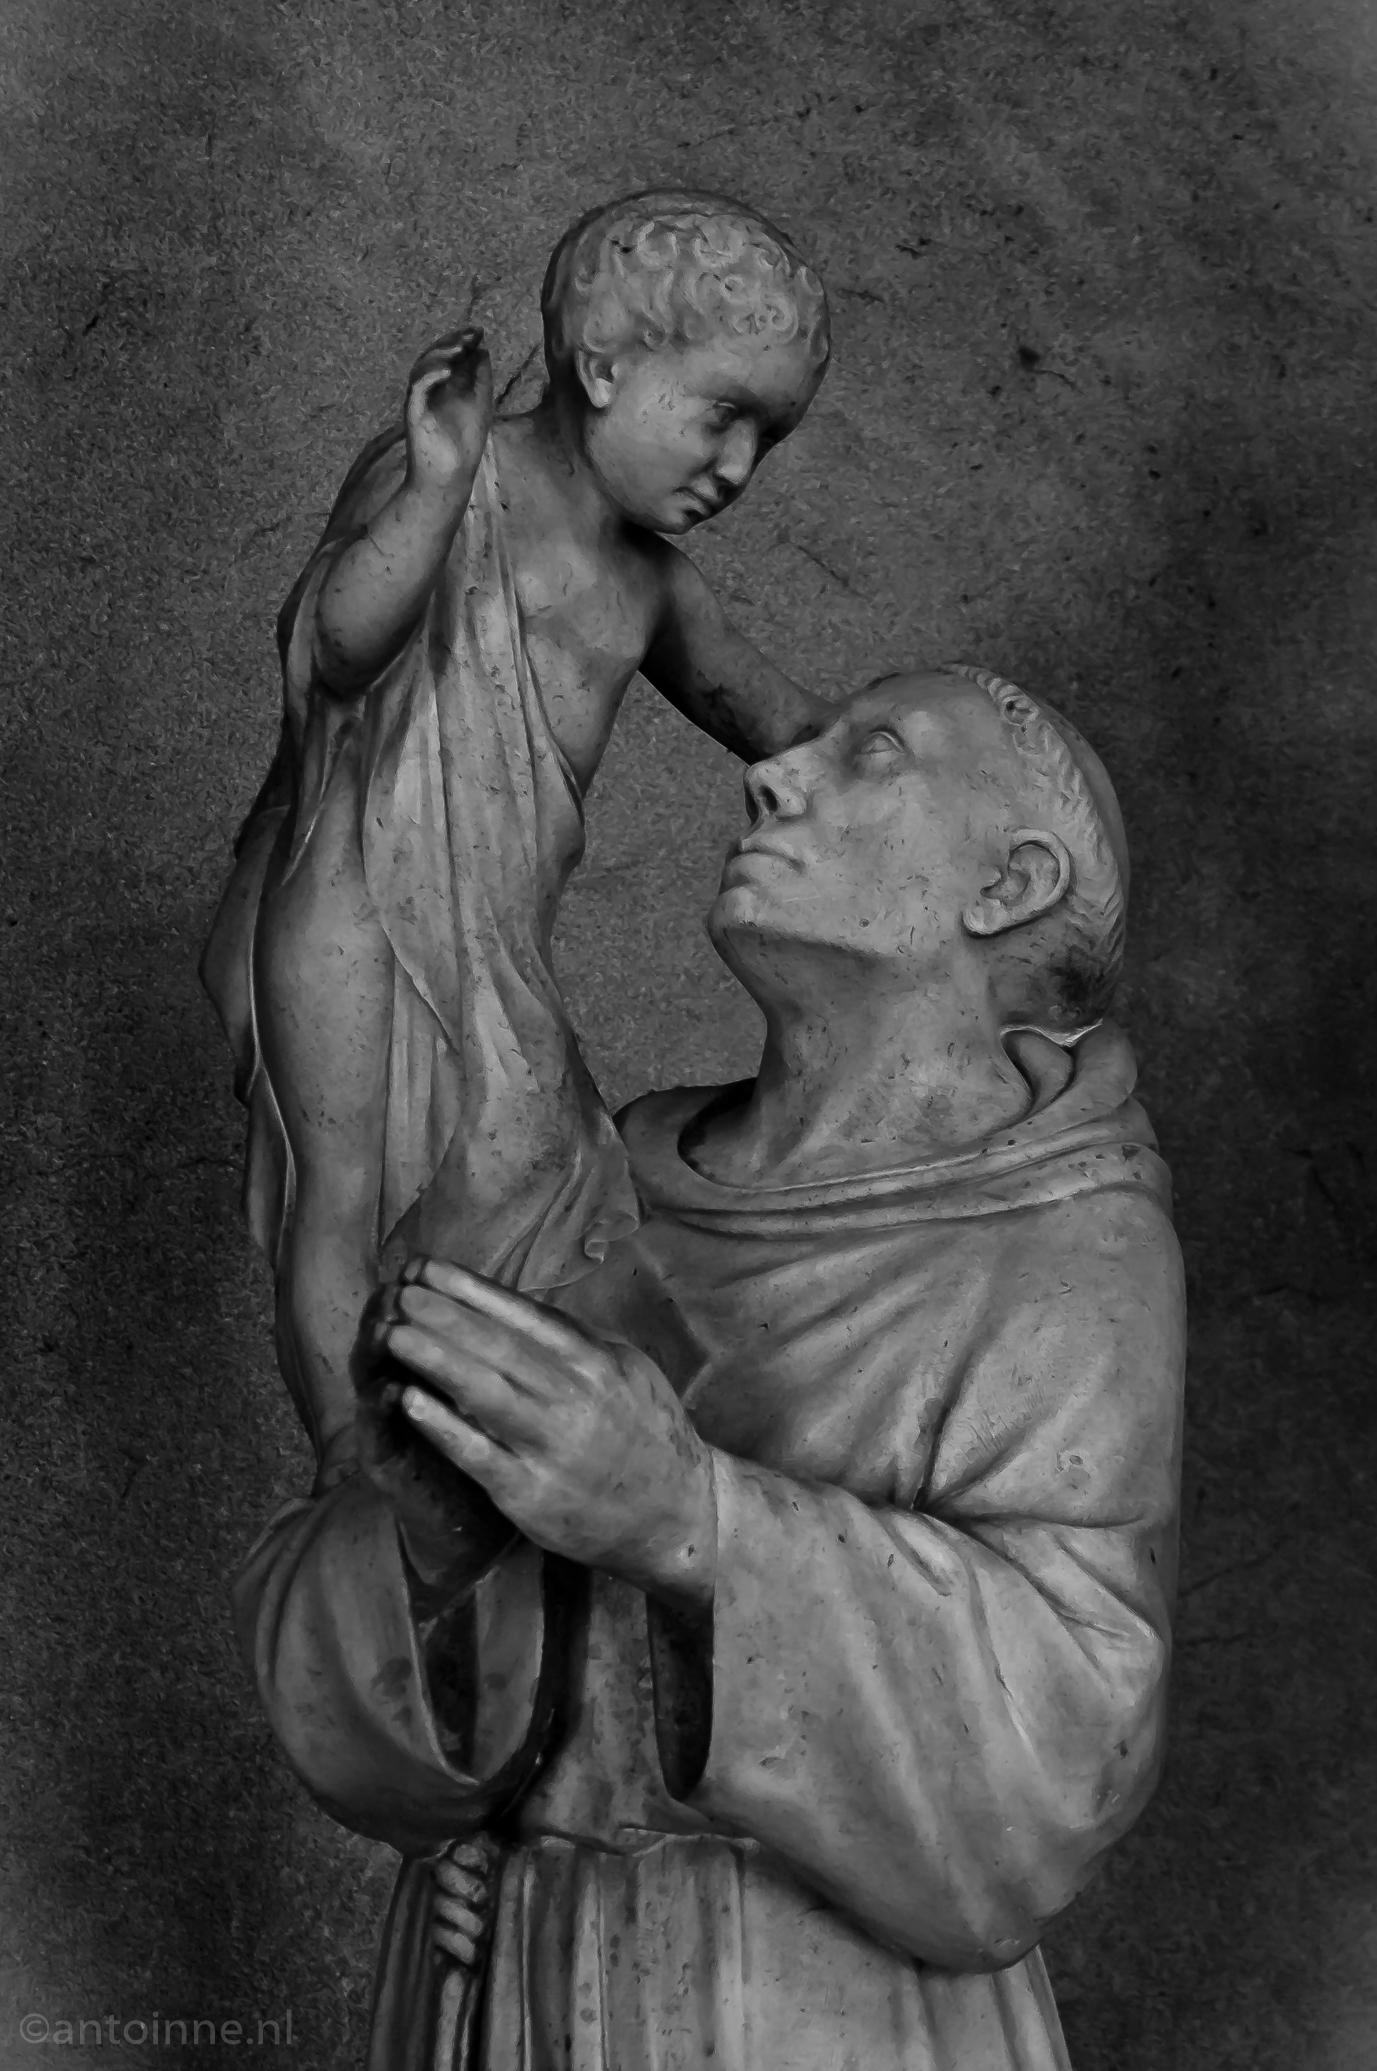 Saint Antoine dans la cathédrale de Reims (2008)